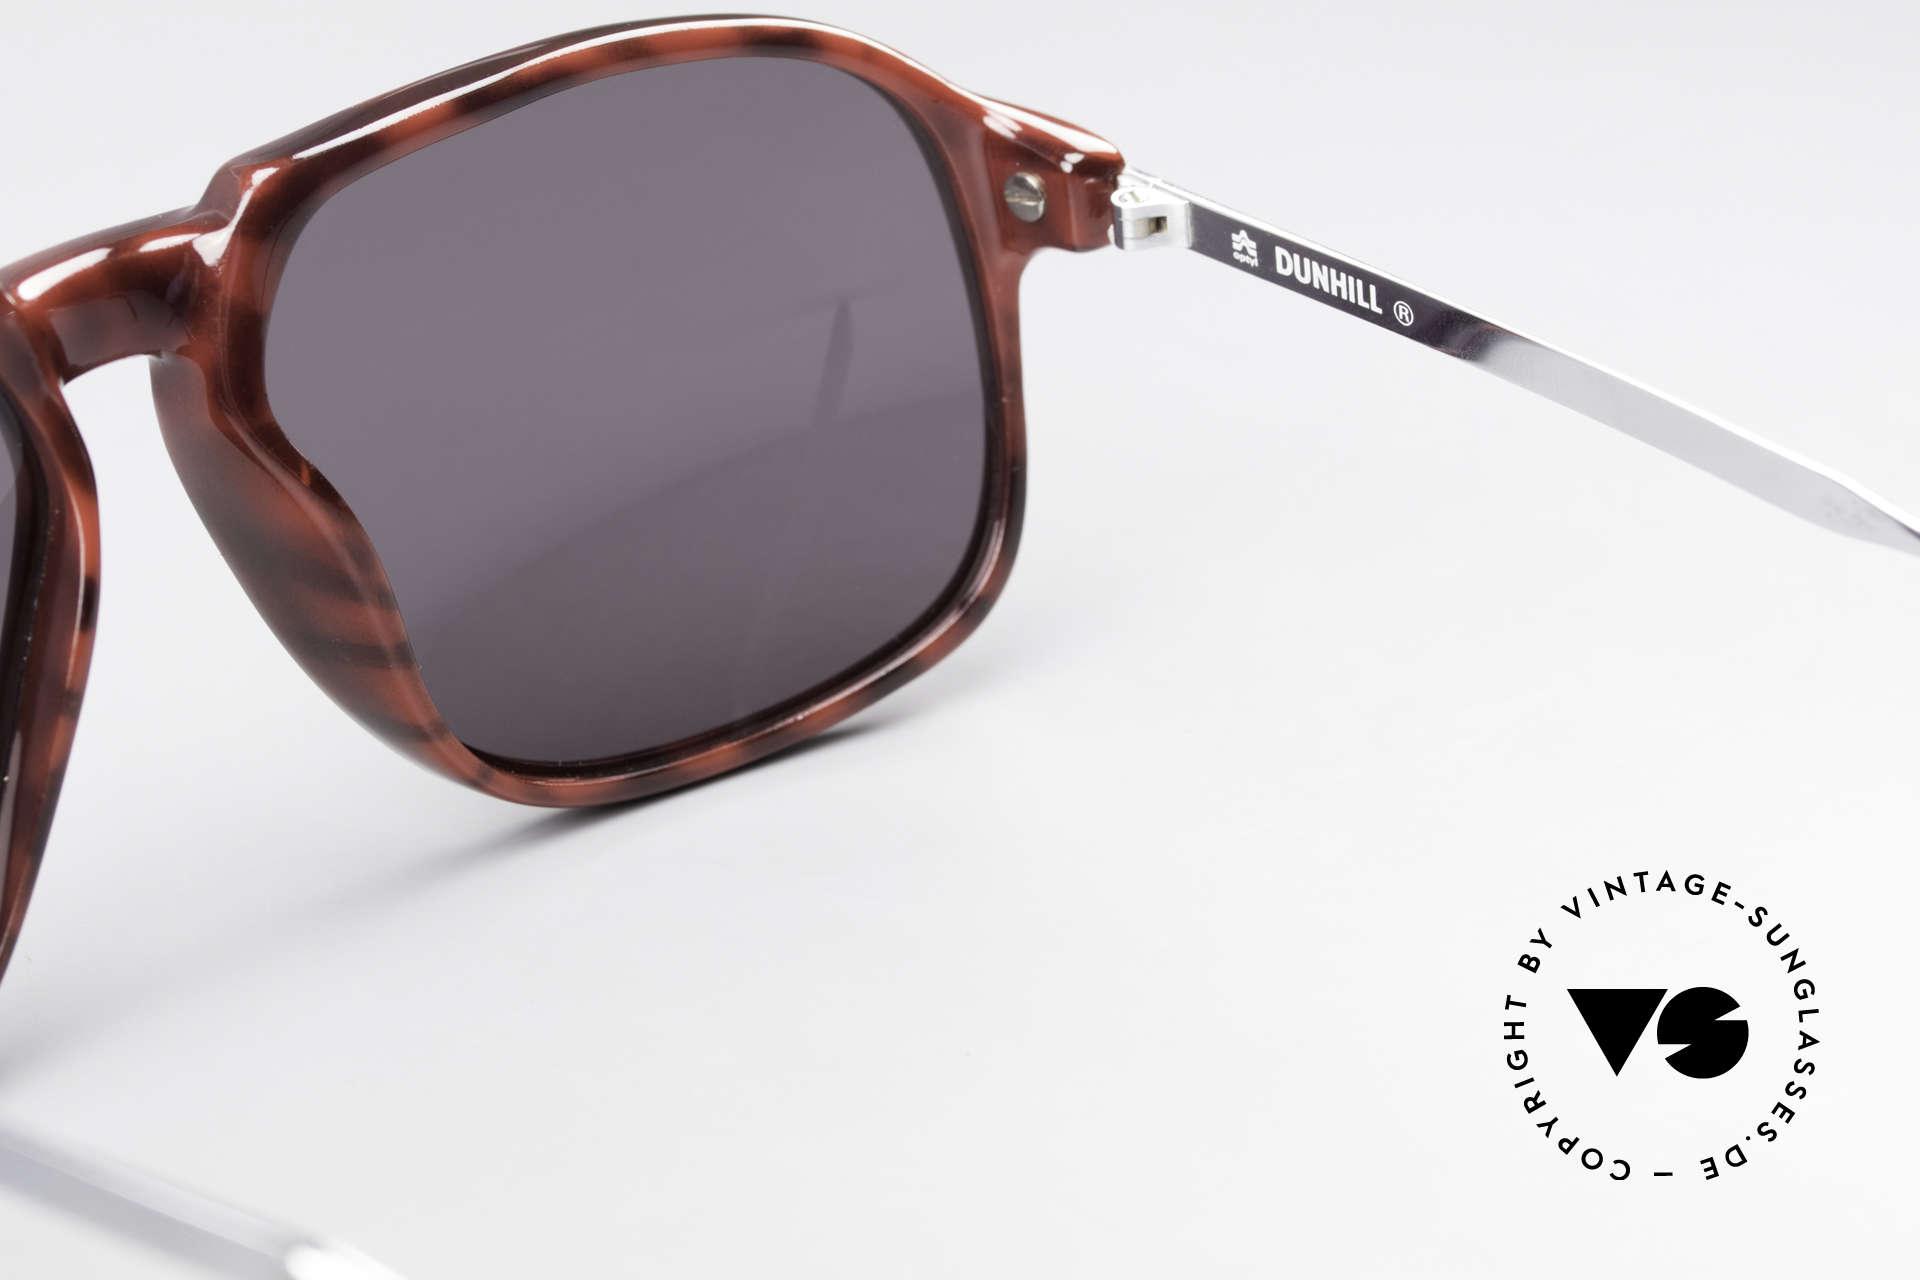 Dunhill 6005 Alte Herrensonnenbrille 1984, KEINE Retrobrille; ein über 35 Jahre altes Original, Passend für Herren